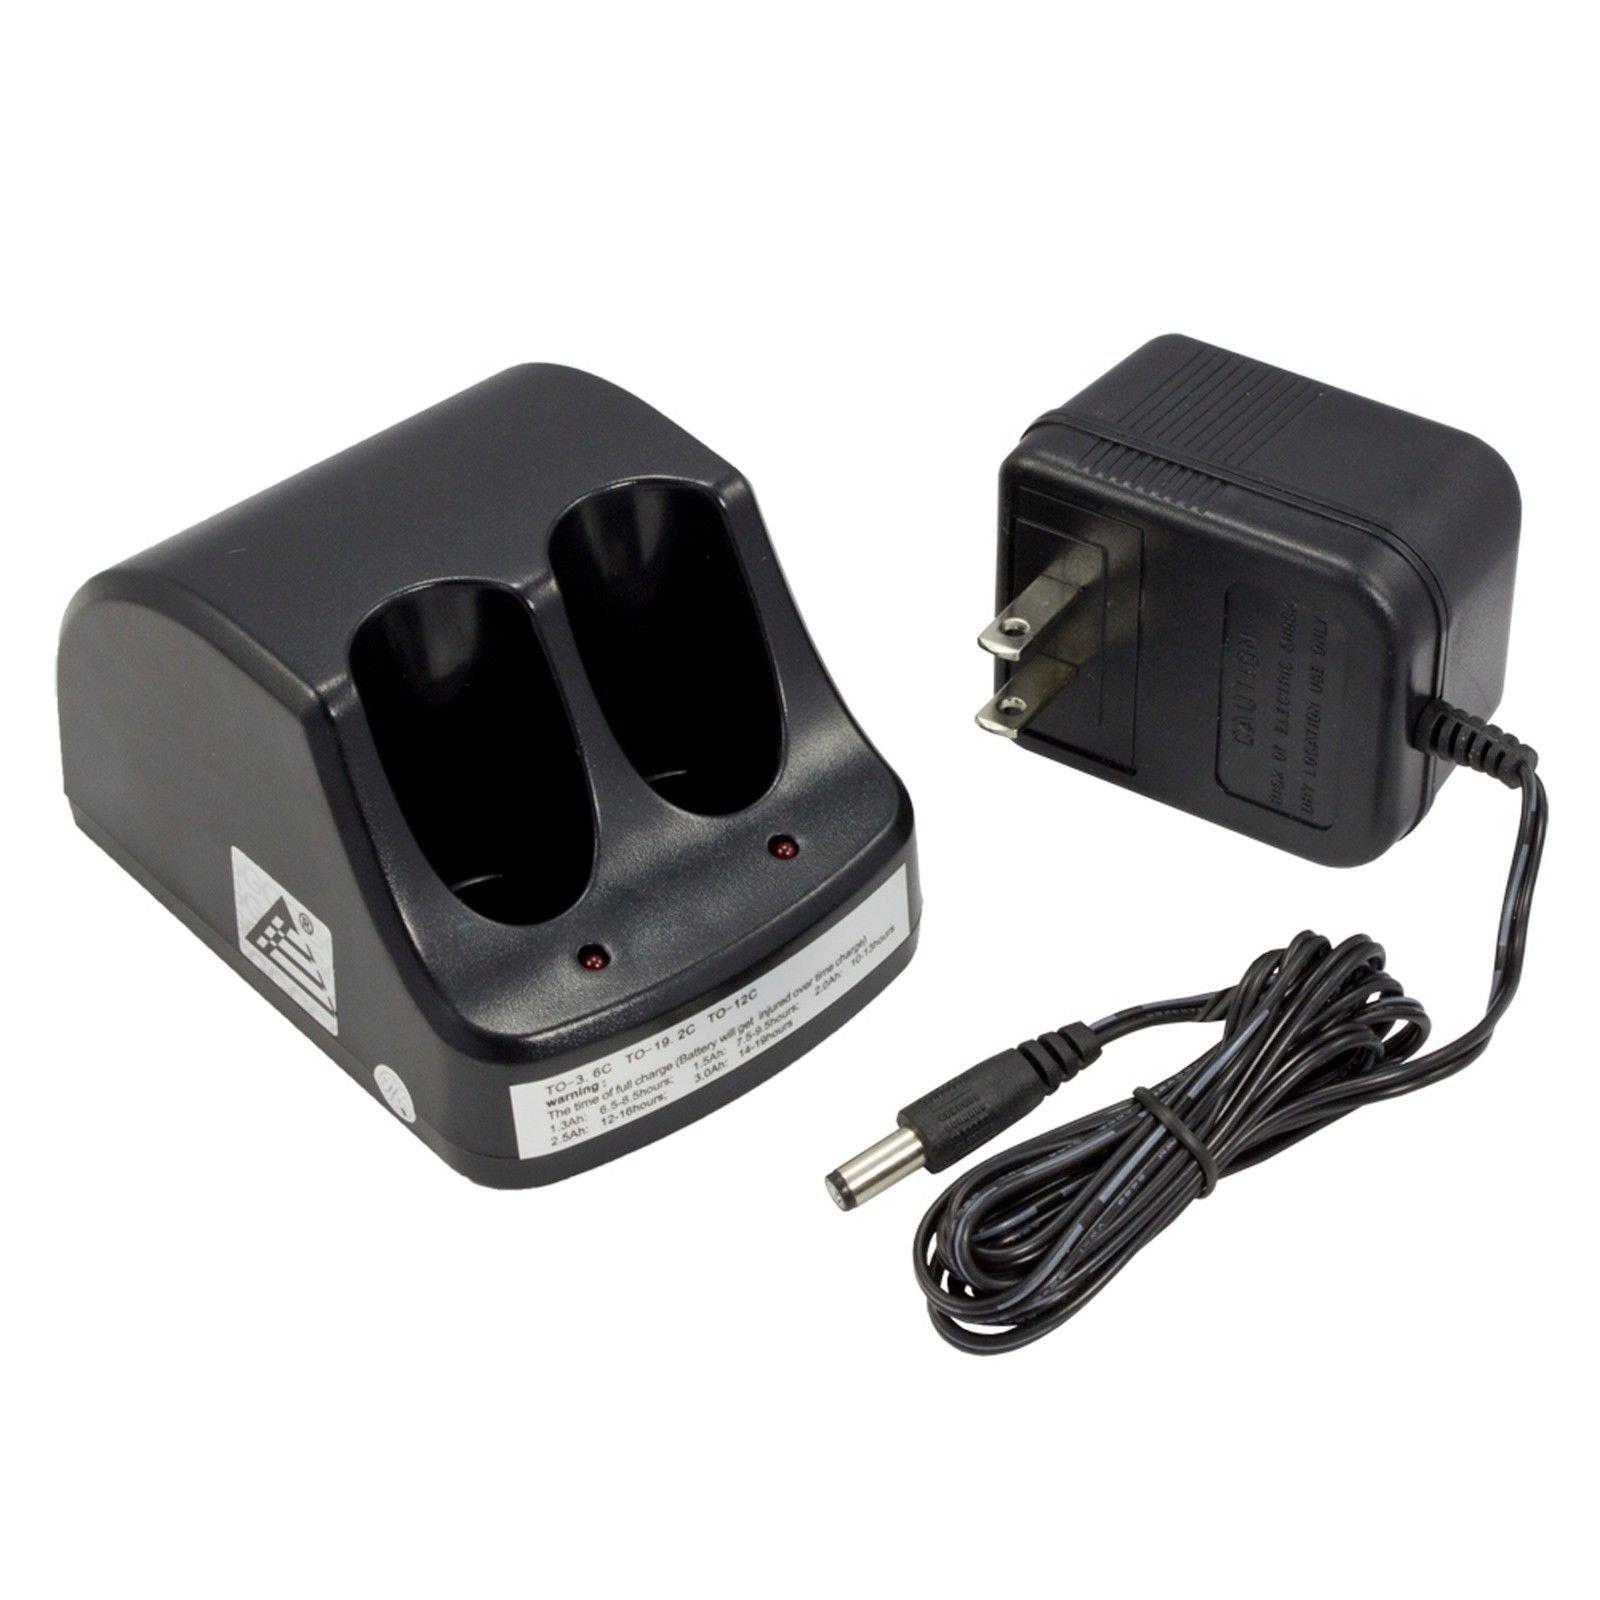 Protac New Dual Port Charger for Black & Decker VP100 VP110 22-4040 22-4035 VP130 VP100C VP105C VP110C 152370-03 Power Tools (TO-36-C) VersaPak 3.6V Battery